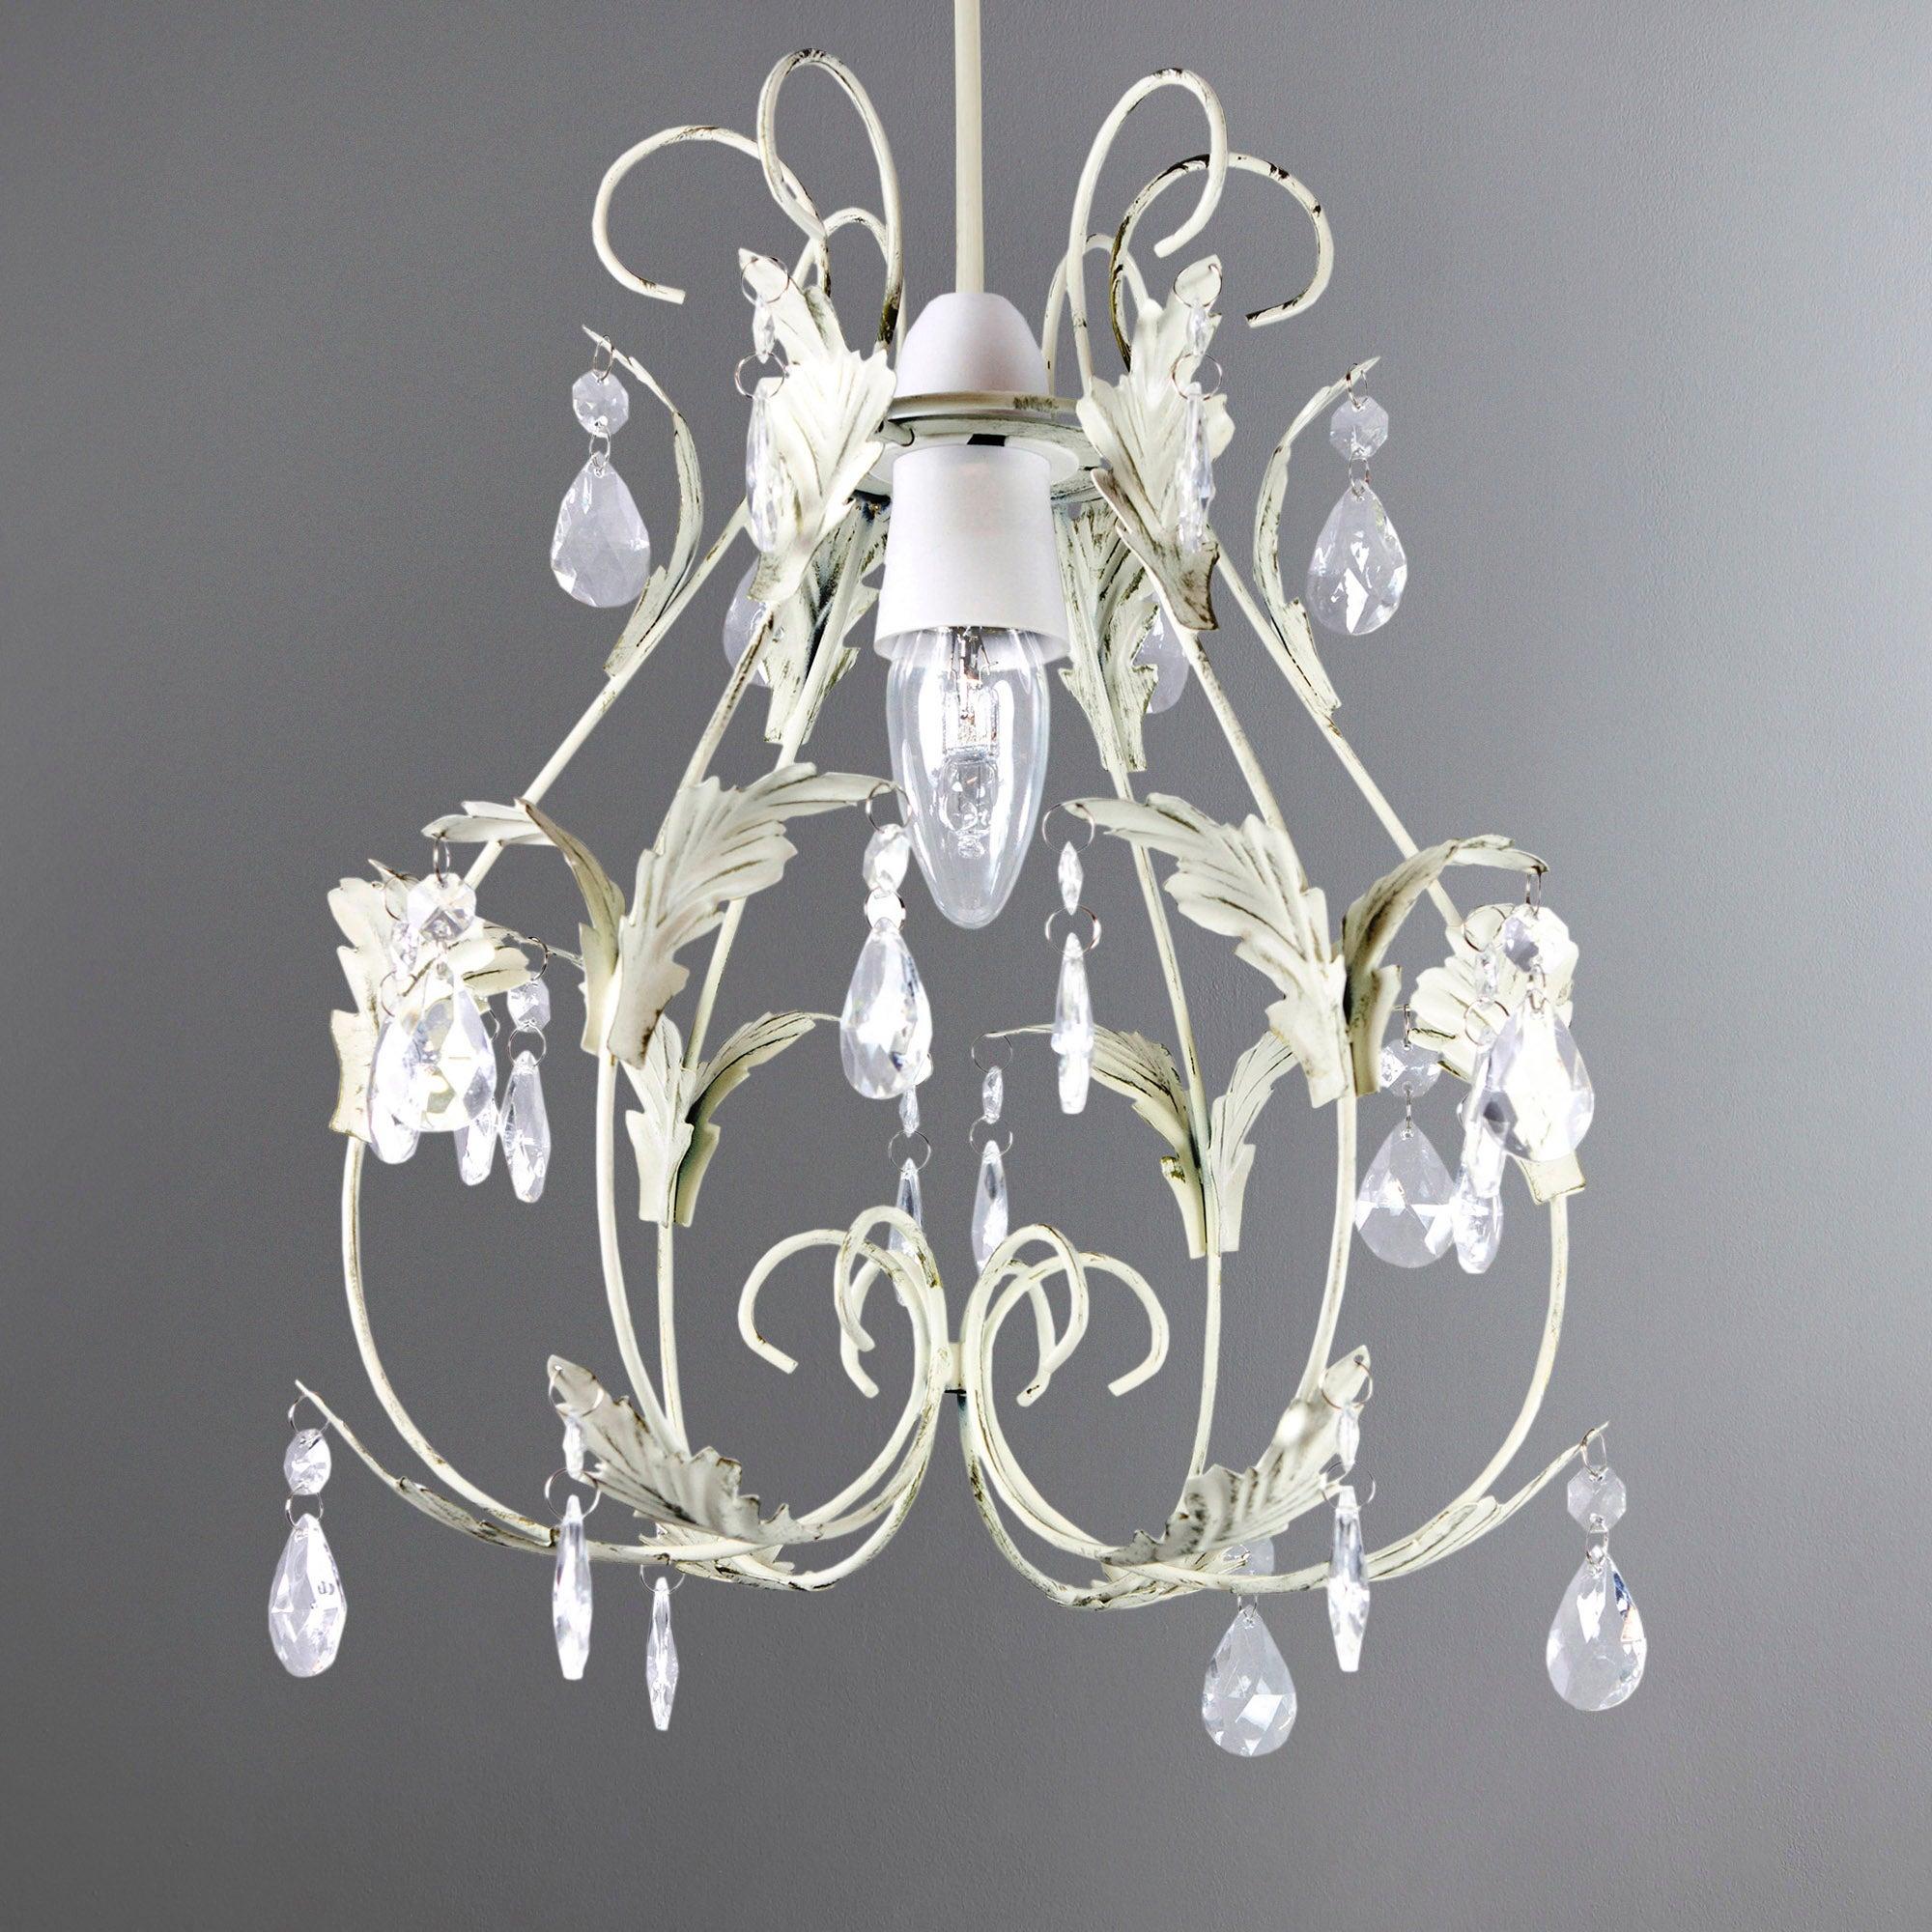 leaf and crystal pendant light fitting dunelm. Black Bedroom Furniture Sets. Home Design Ideas